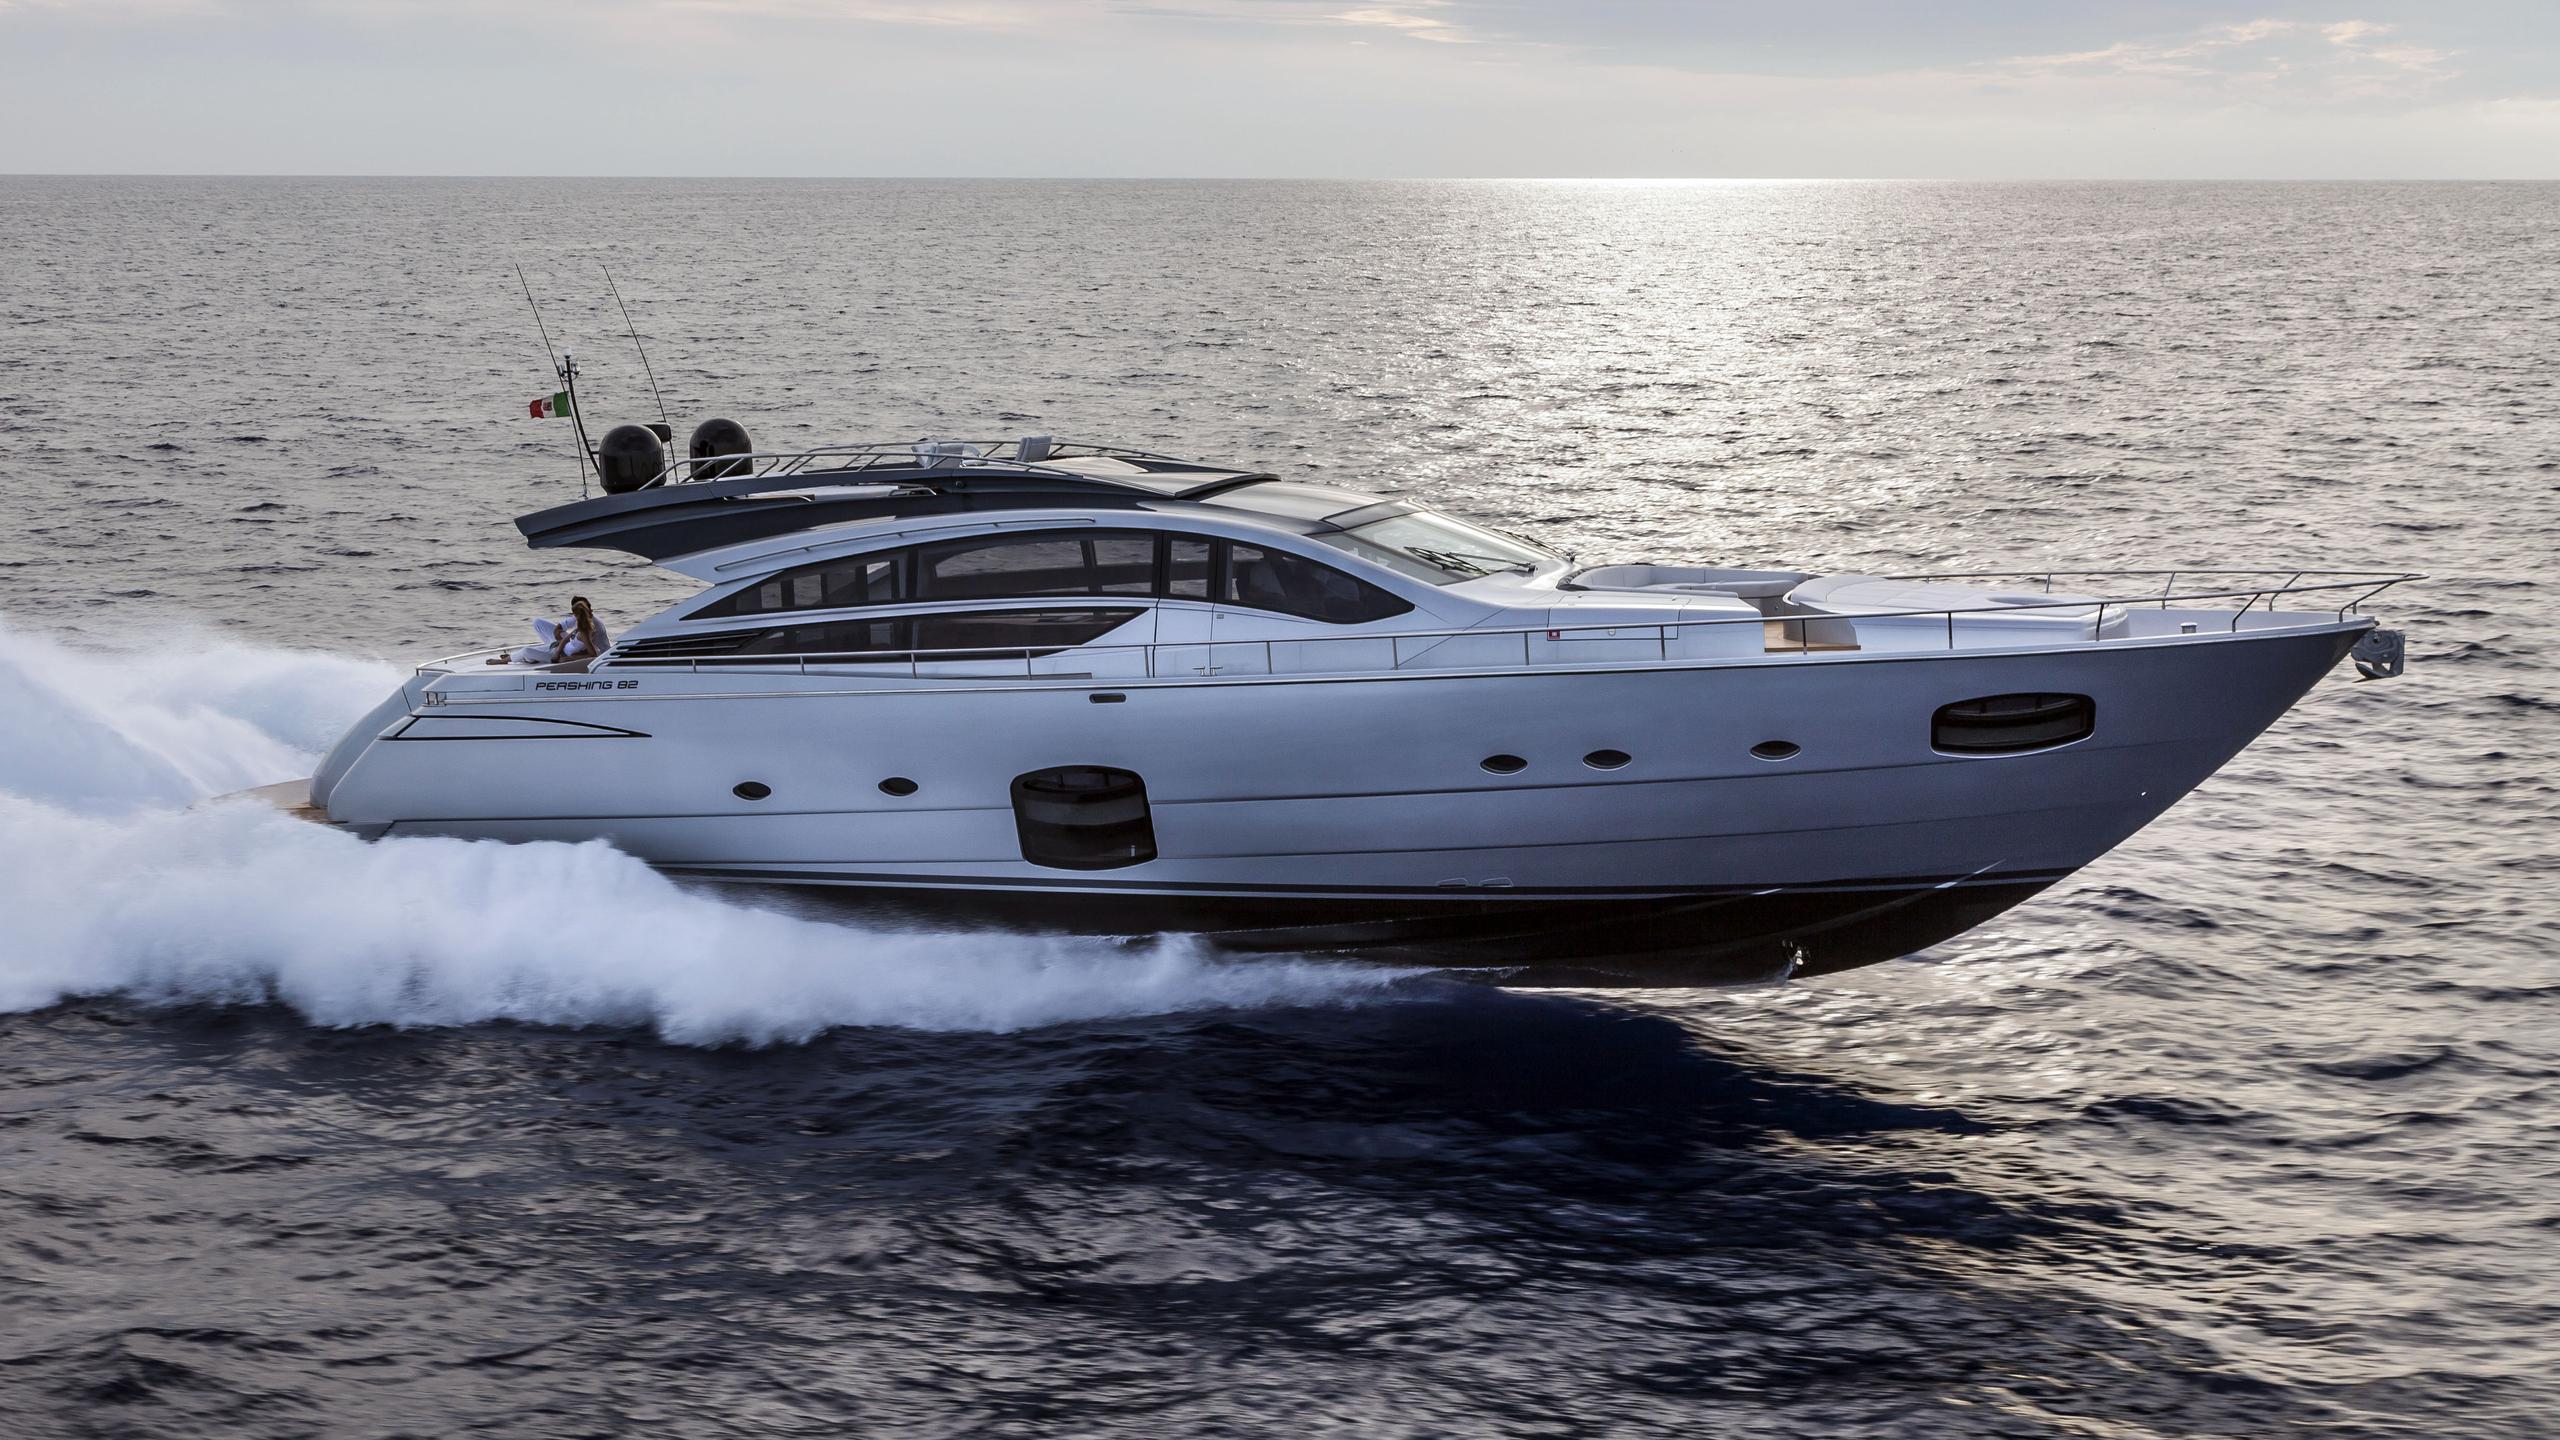 pershing-82-01-motor-yacht-2012-25m-cruising